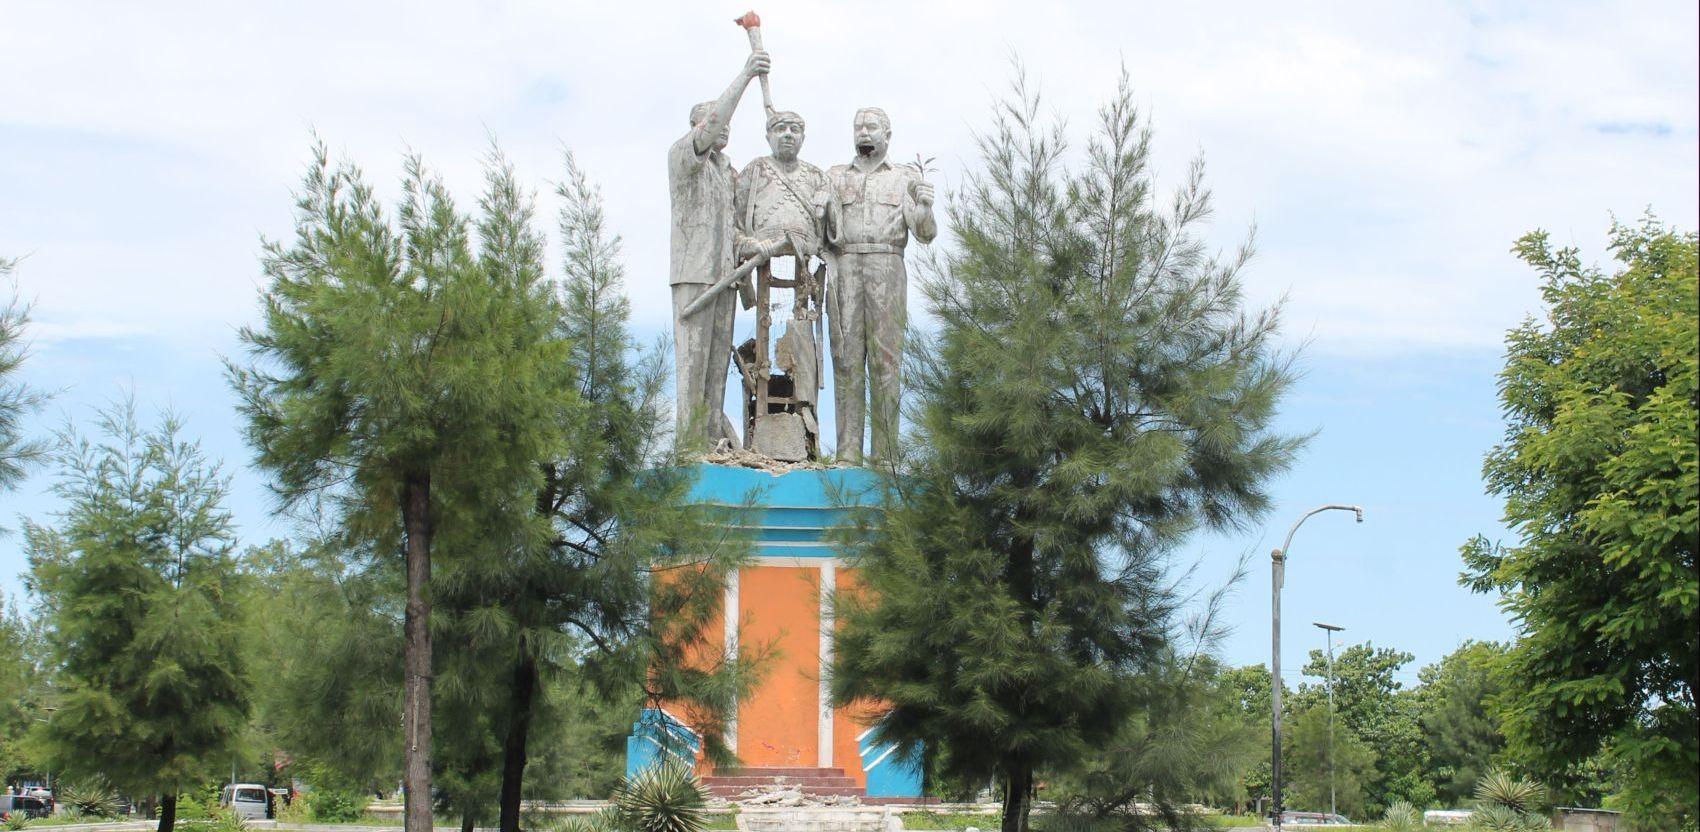 Alasan Patung Tirosa Taman Nostalgia Sebagai Ikon Kota Kupang Kab